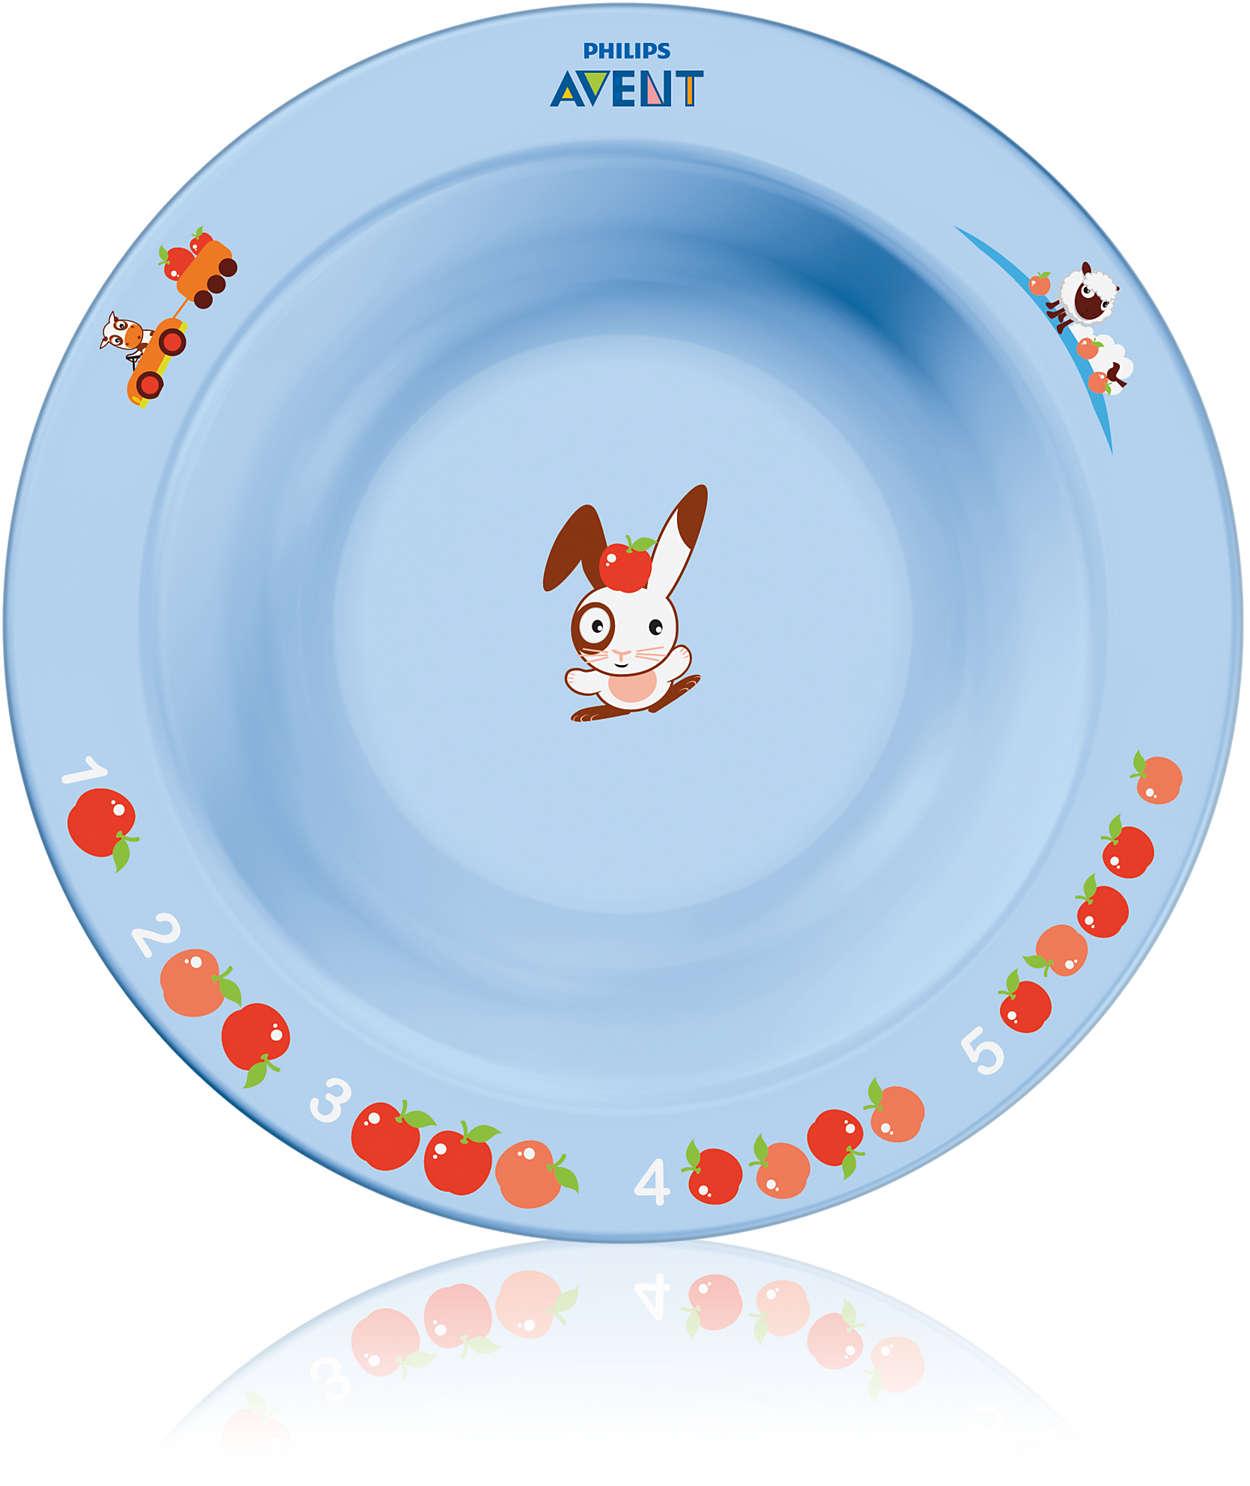 Zachęca do jedzenia poprzez naukę i zabawę